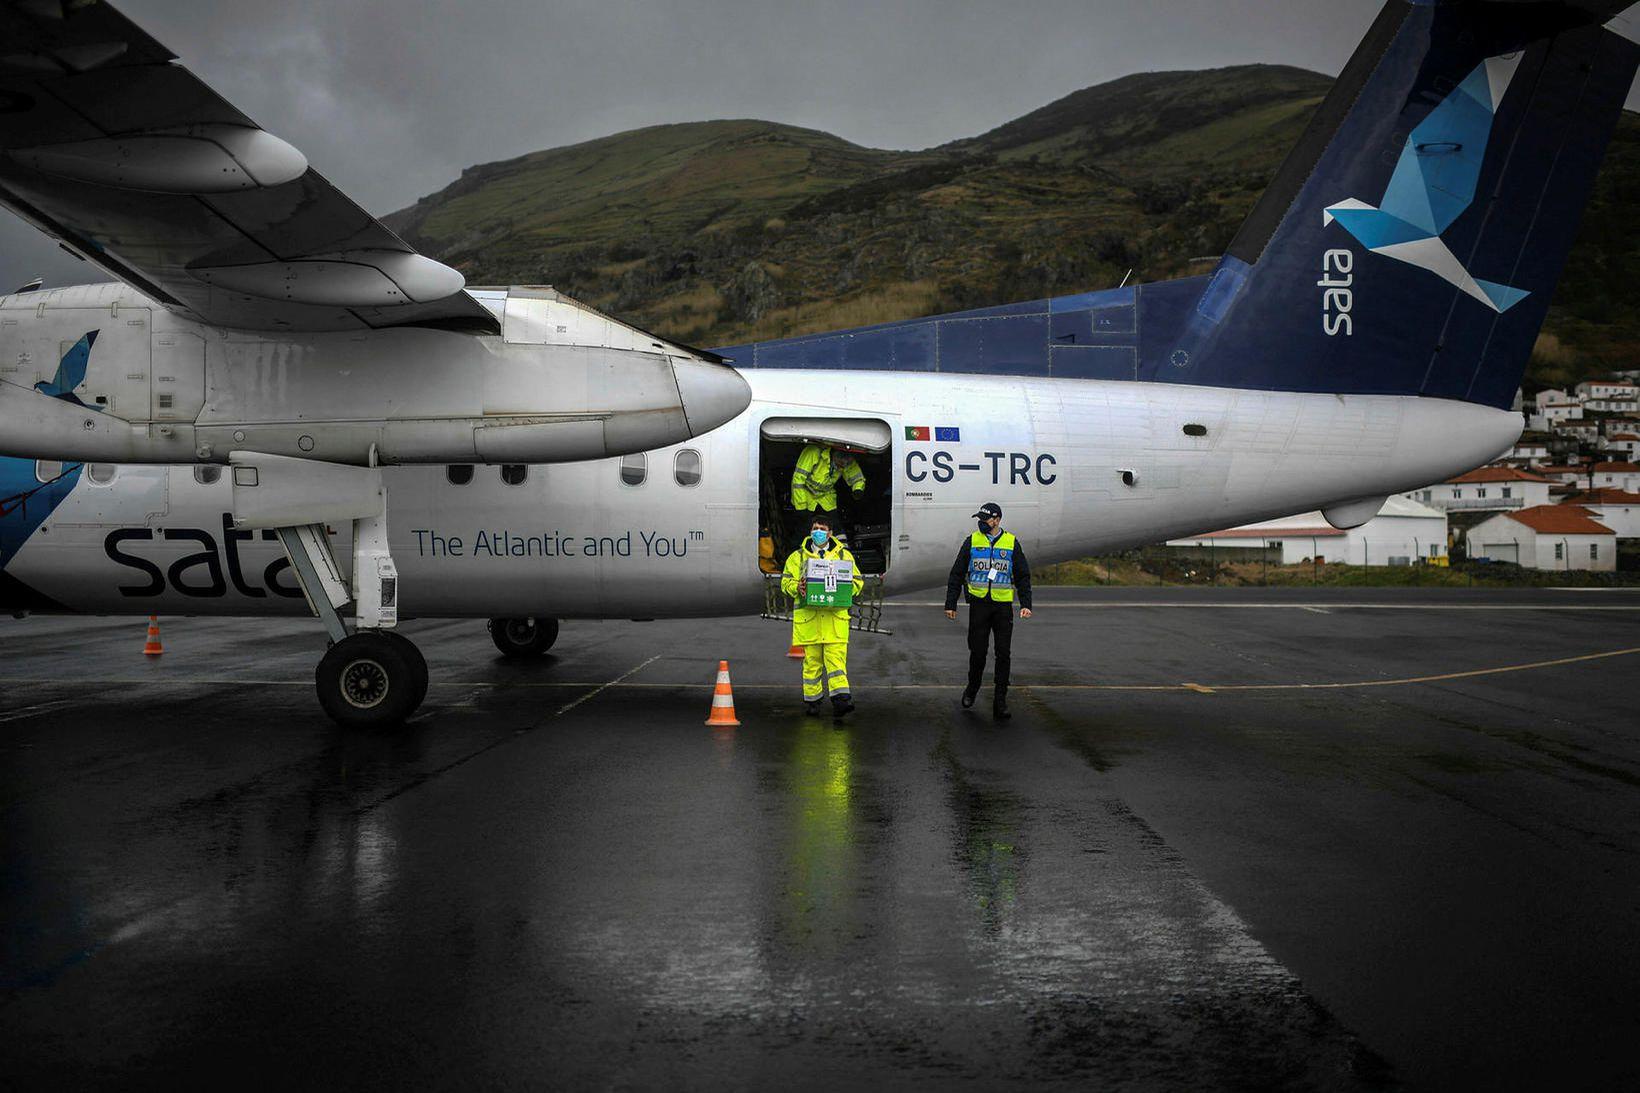 Starfsmaður tekur Covid-19 bóluefni úr flugvél á Asoreyjum.